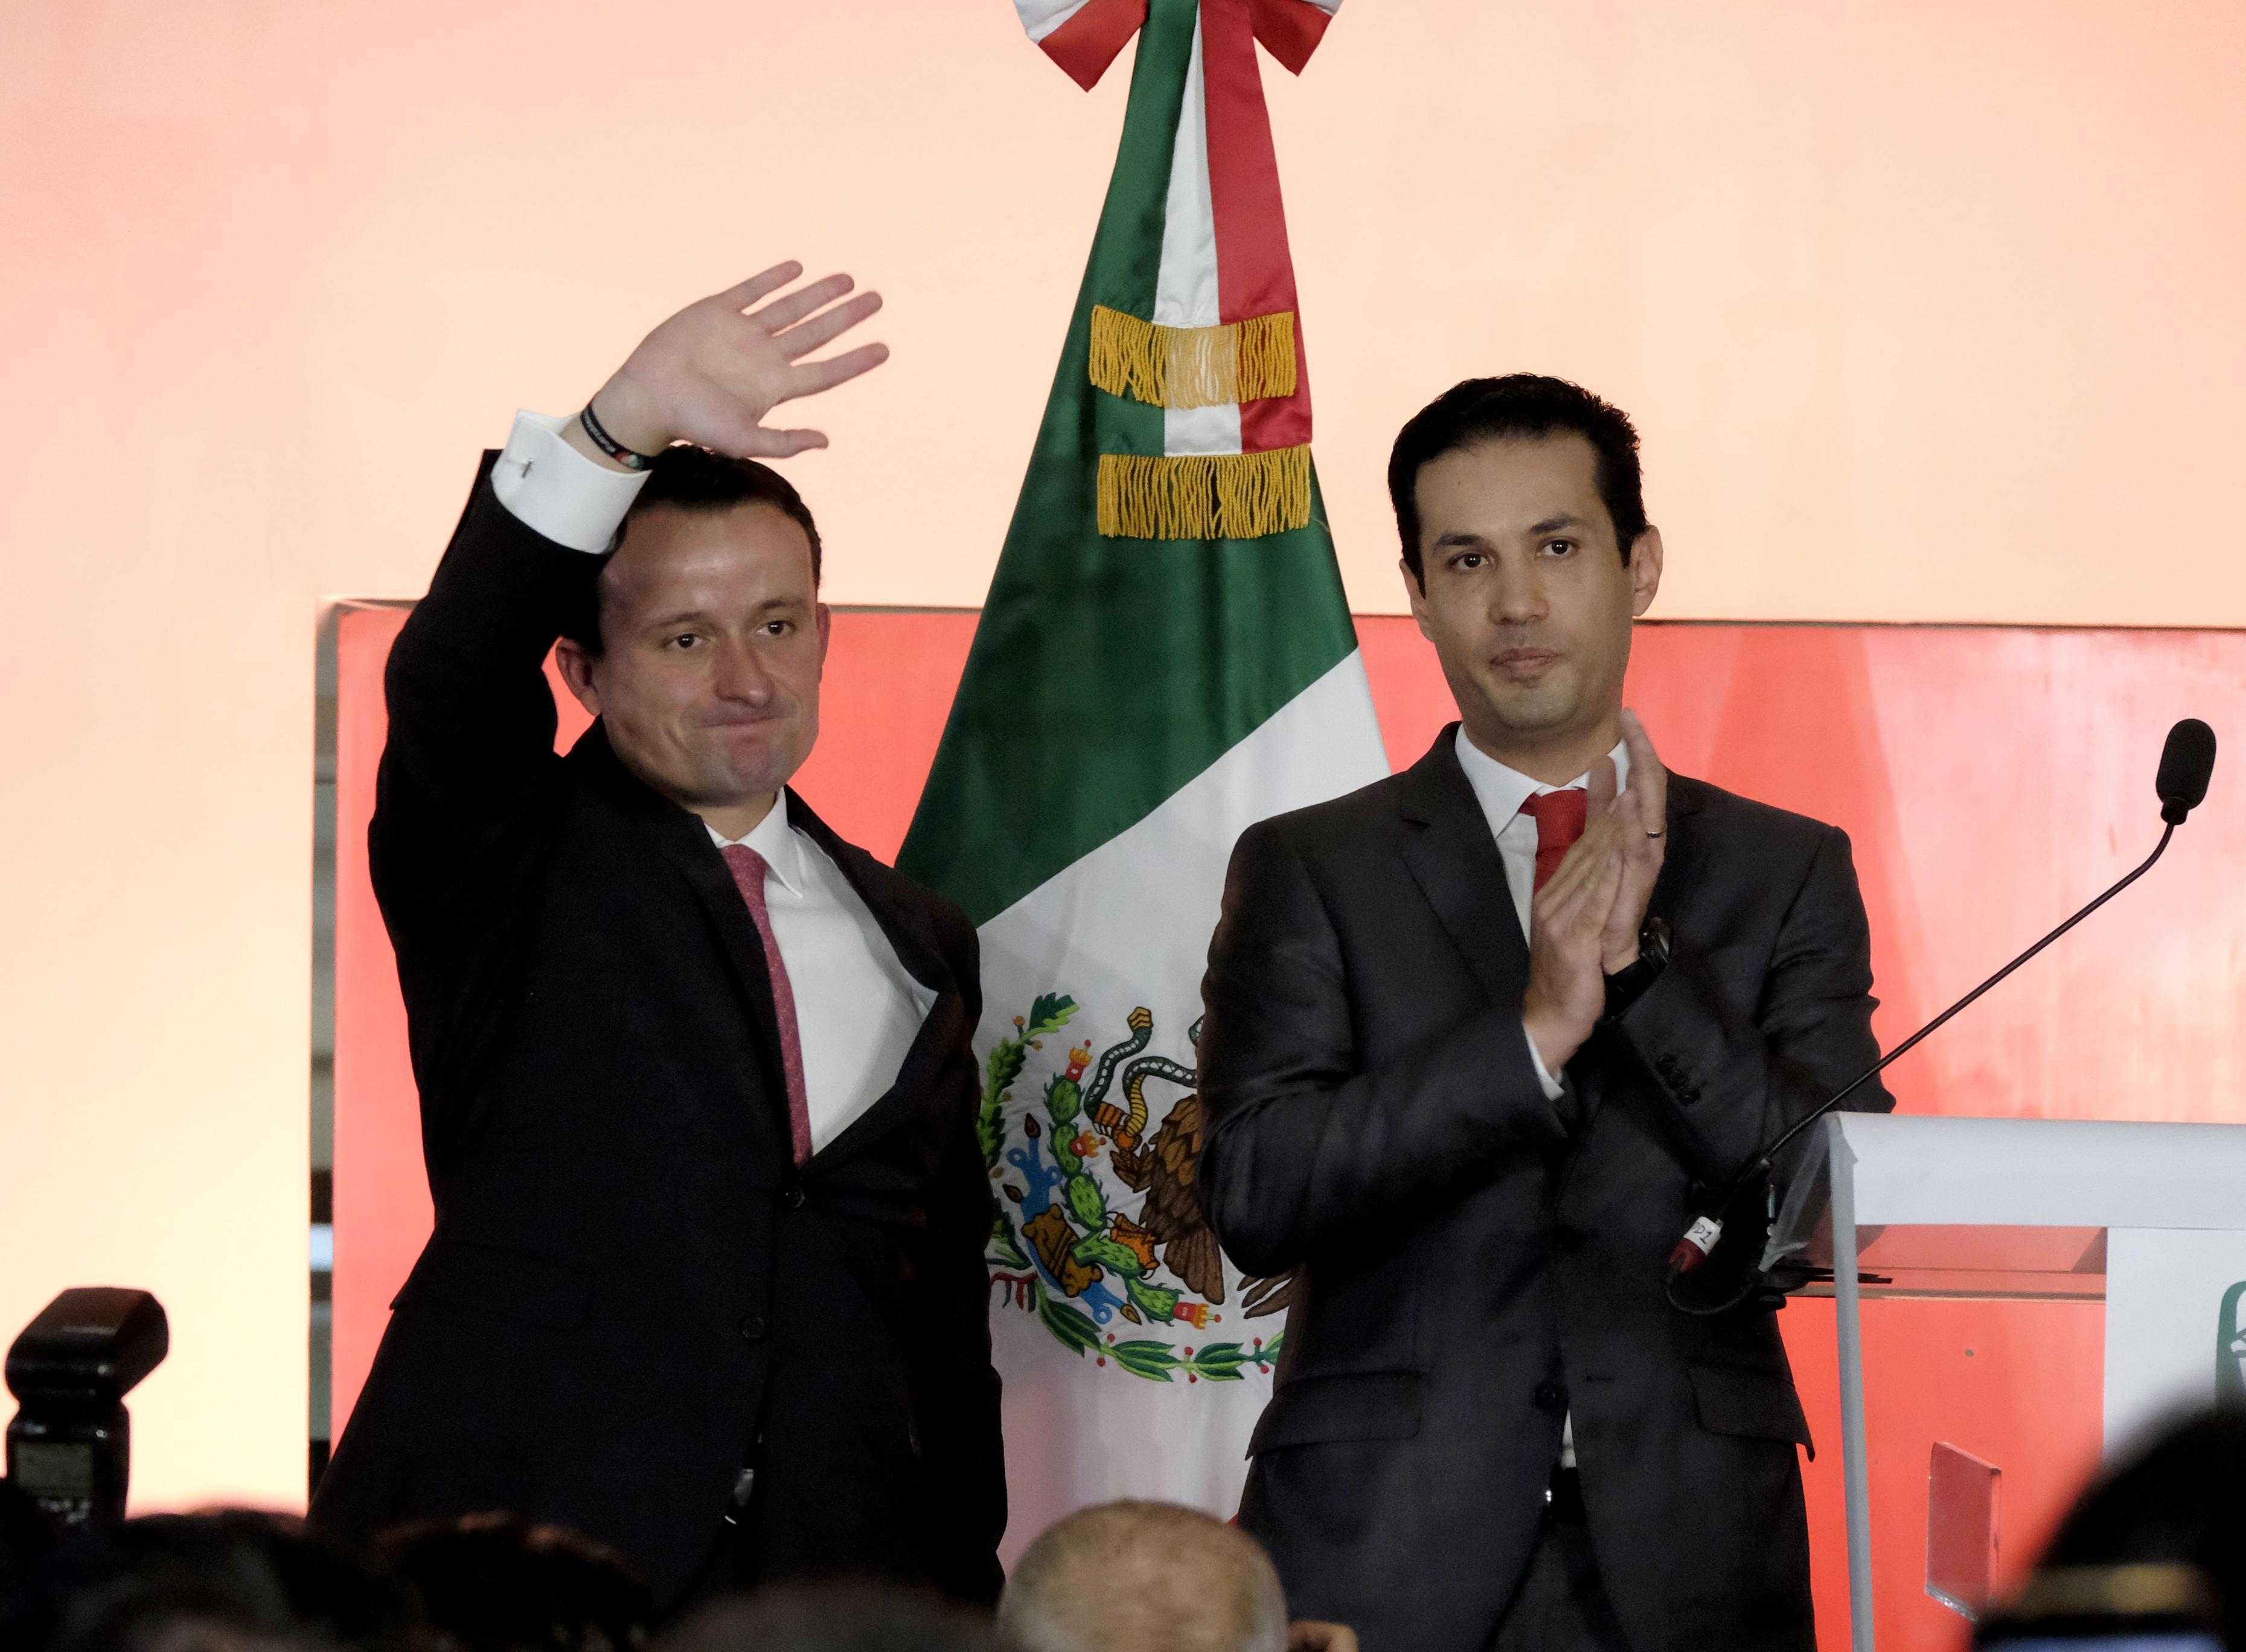 MIKEL ARRIOLA DEJA EL IMSS Y TUFFIC MIGUEL ORTEGA ASUME LA DIRECCIÓN GENERAL